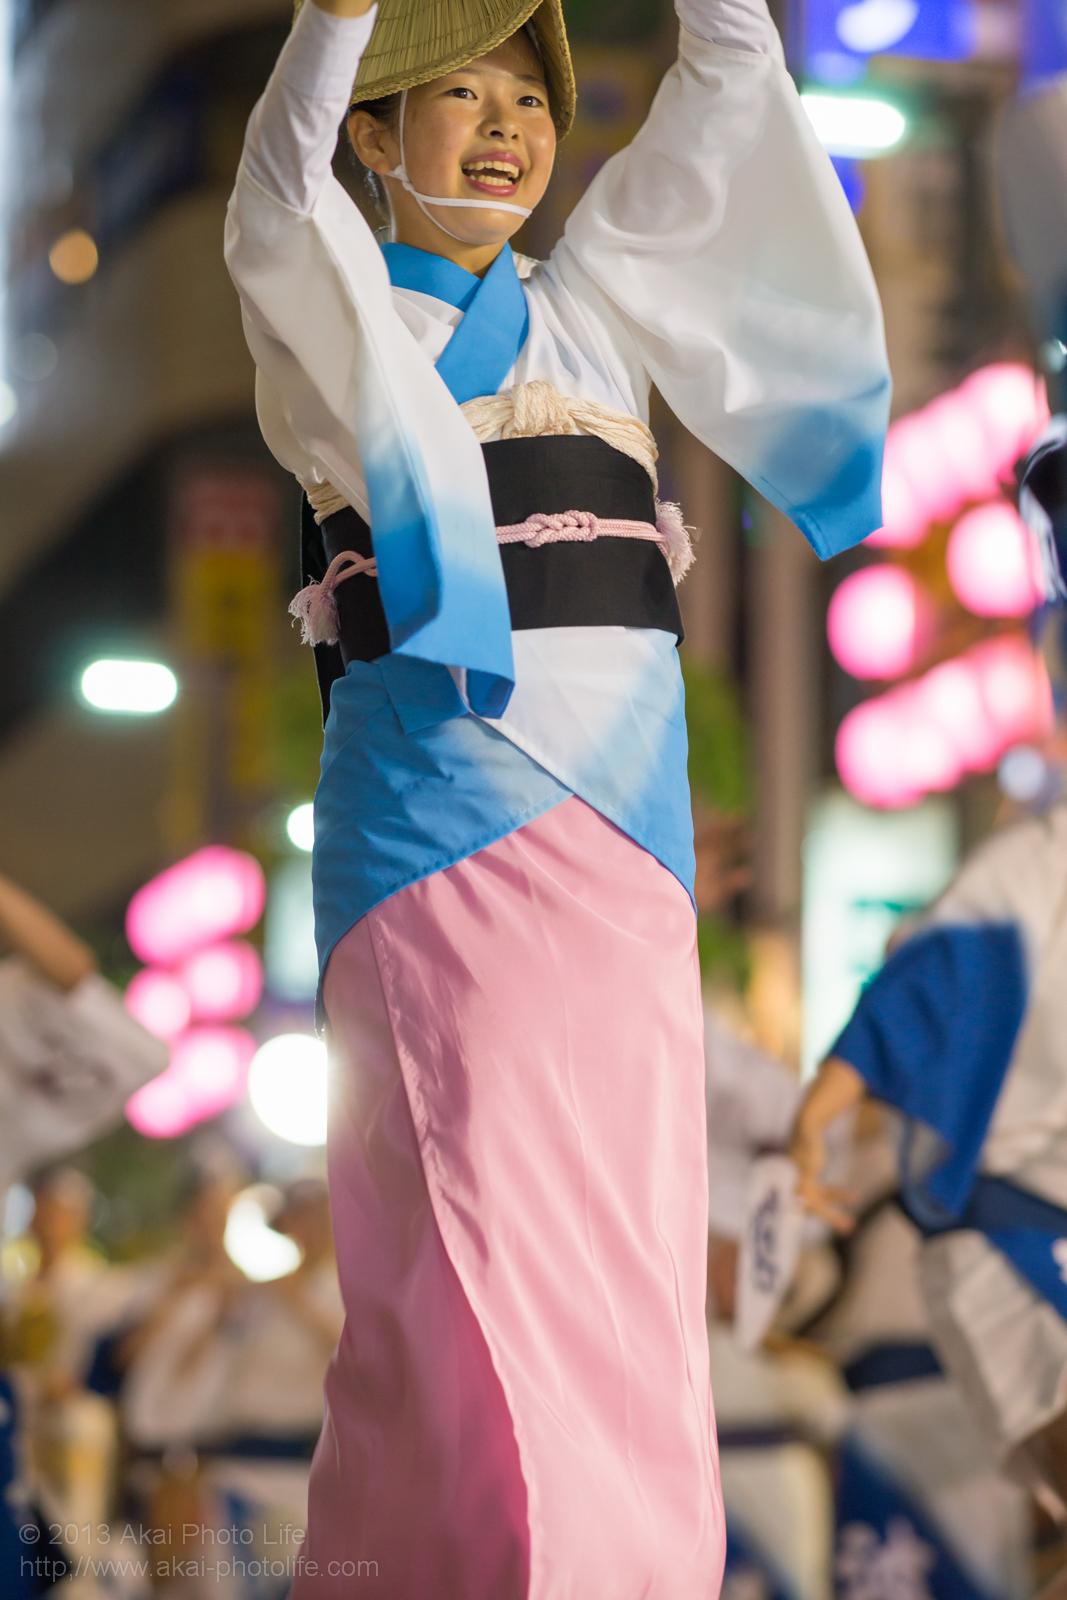 三鷹阿波踊り、波奴連(はちゃめちゃれん)の女踊り